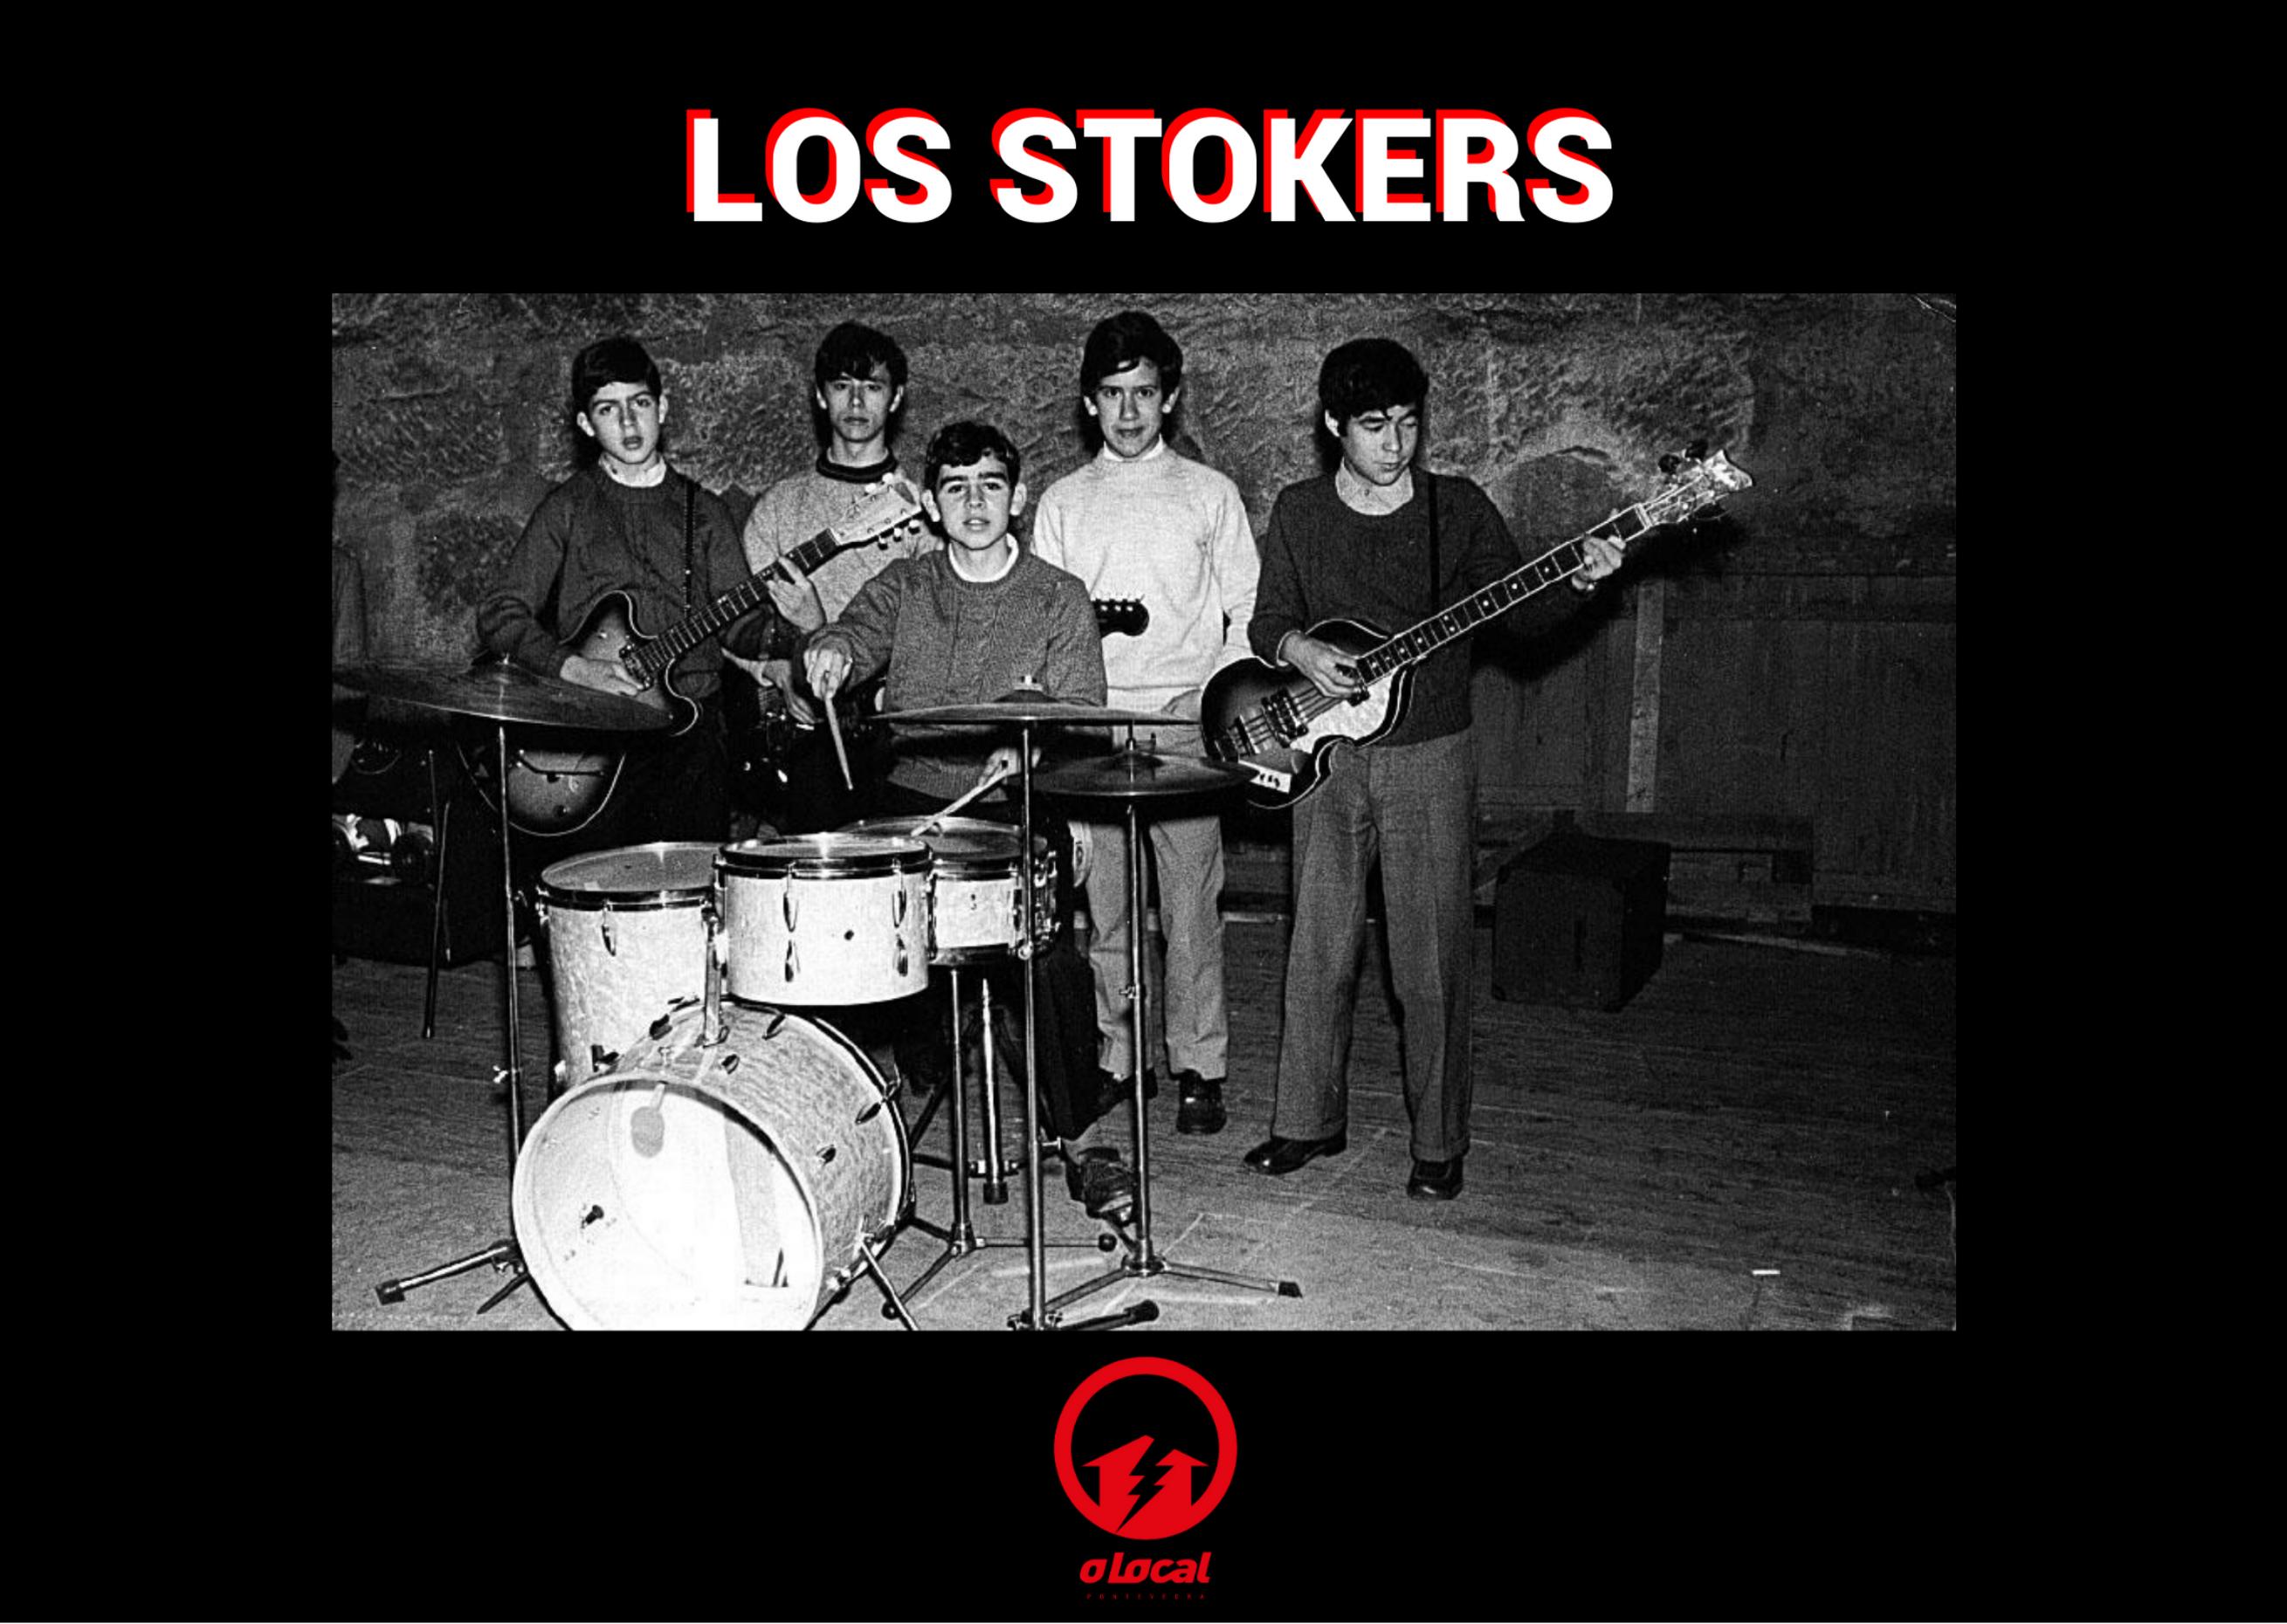 CLASE DE HISTORIA 3: LOS STOKKERS